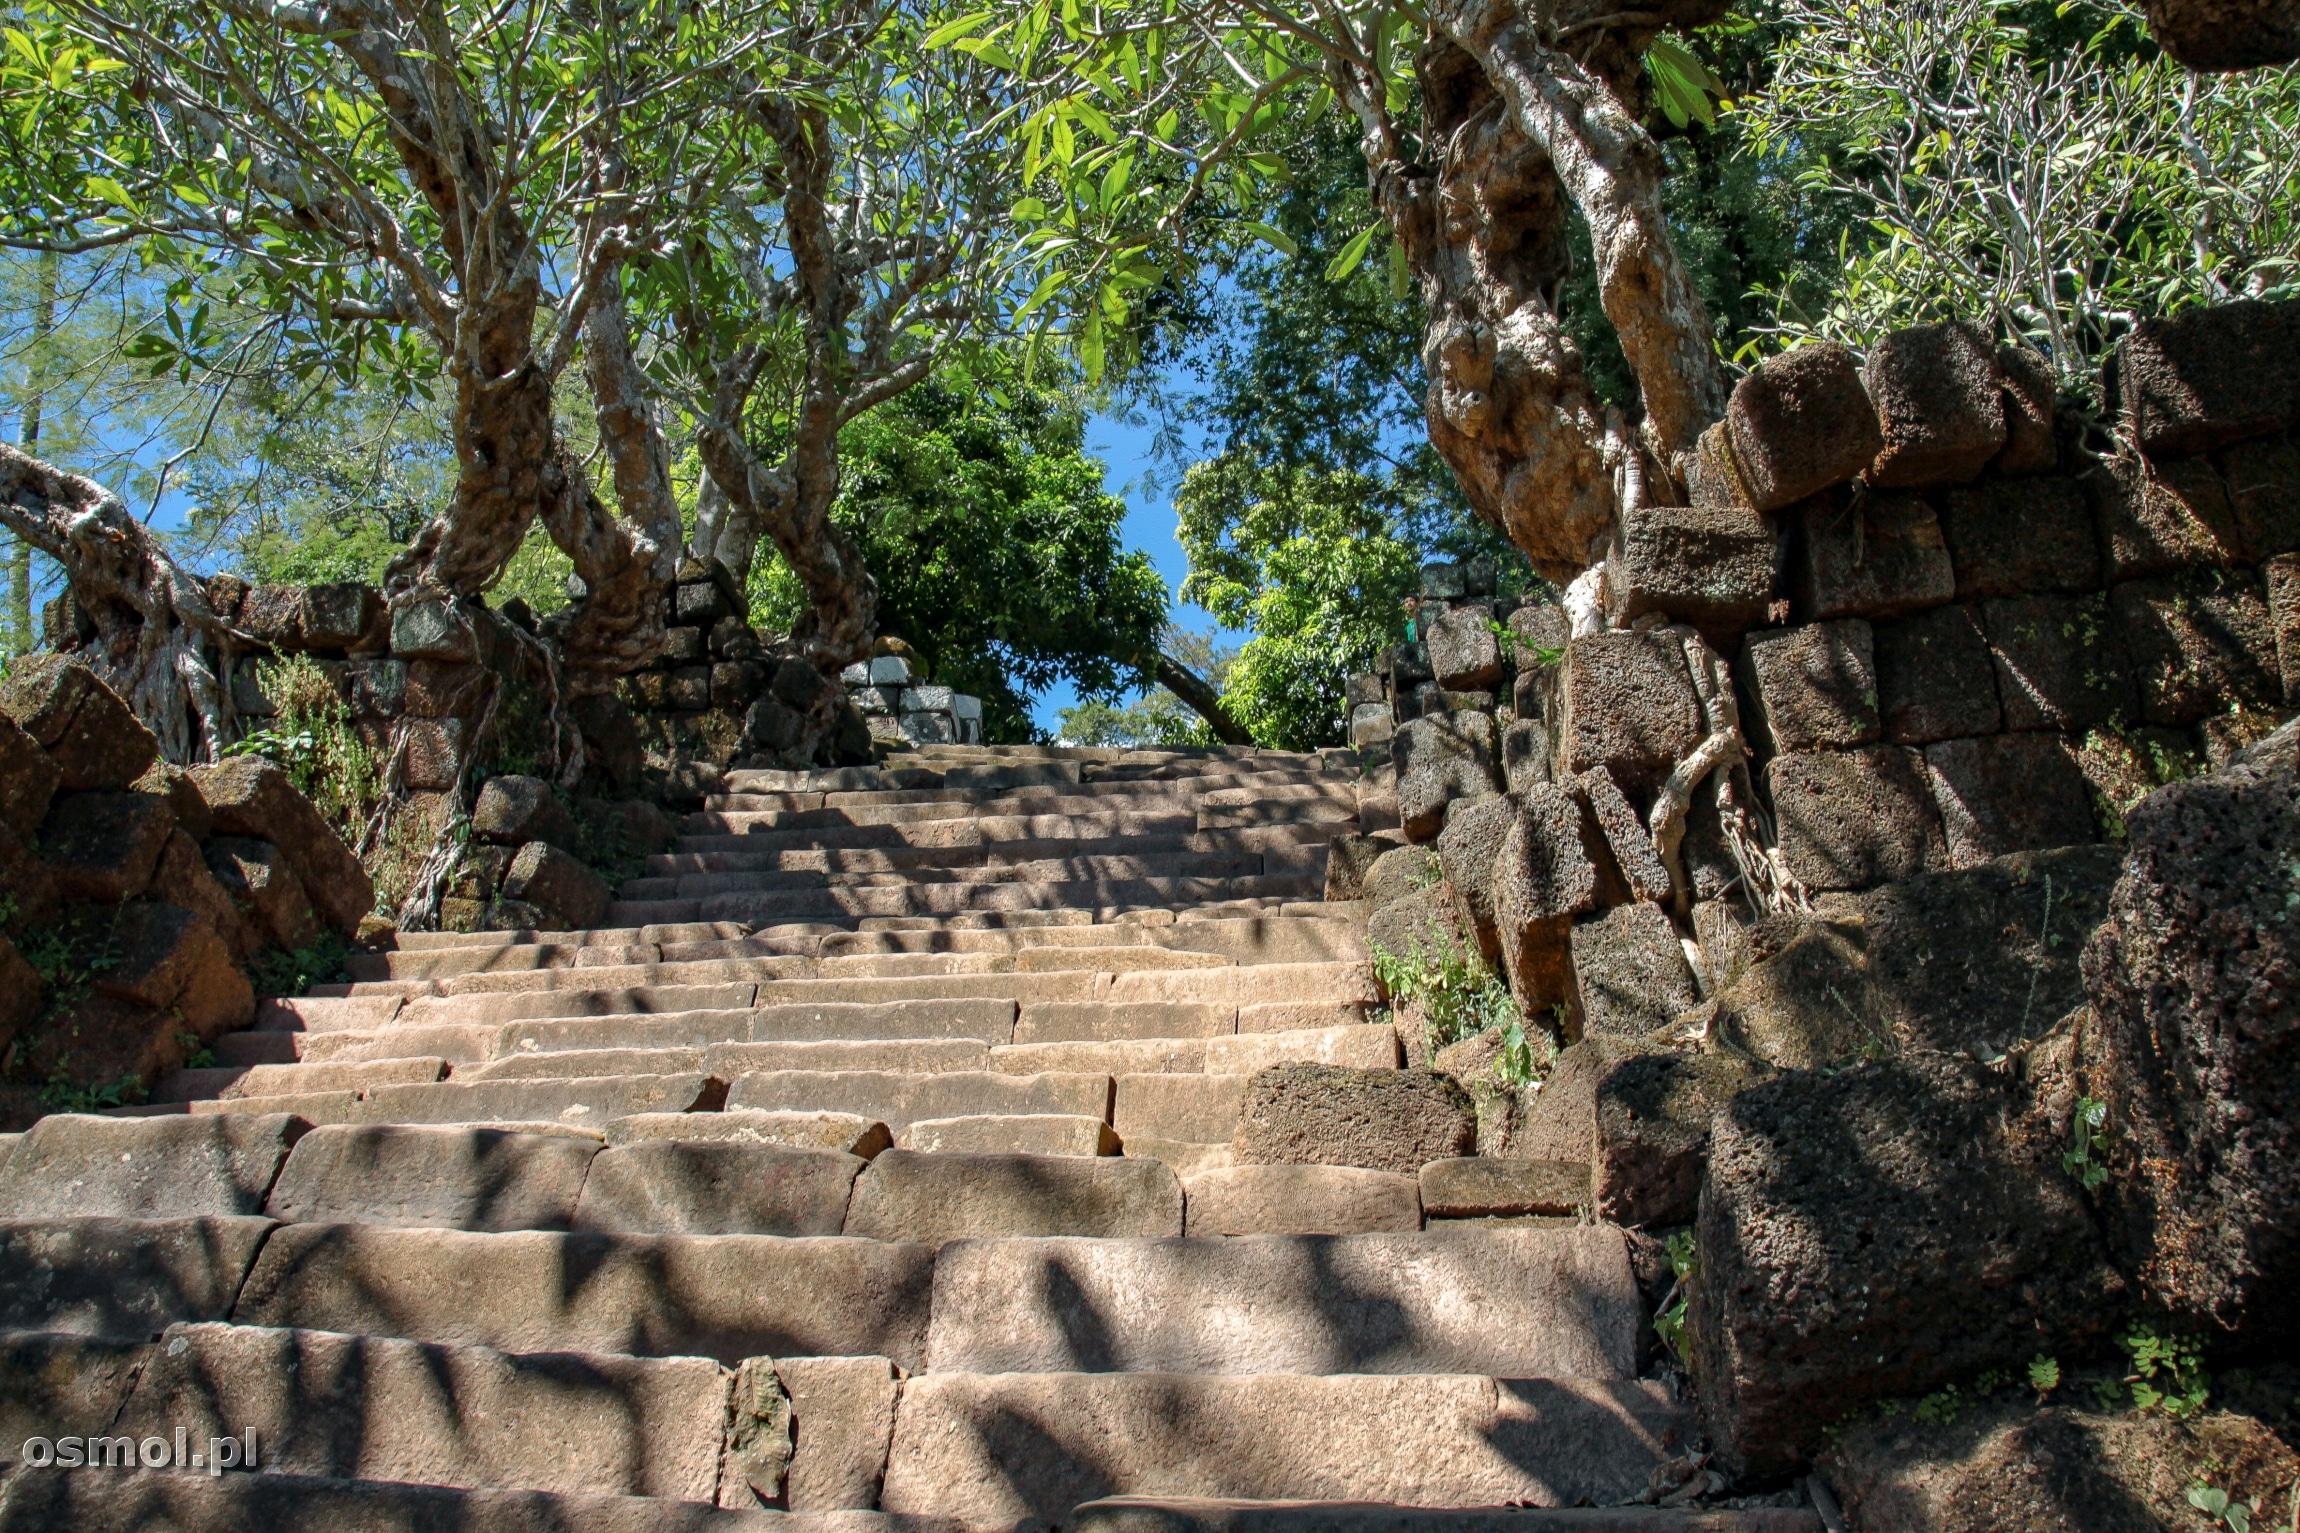 Schody wiodące do Wat Phou do wygodnych nie należą, ale prowadzą do wspaniałych widoków